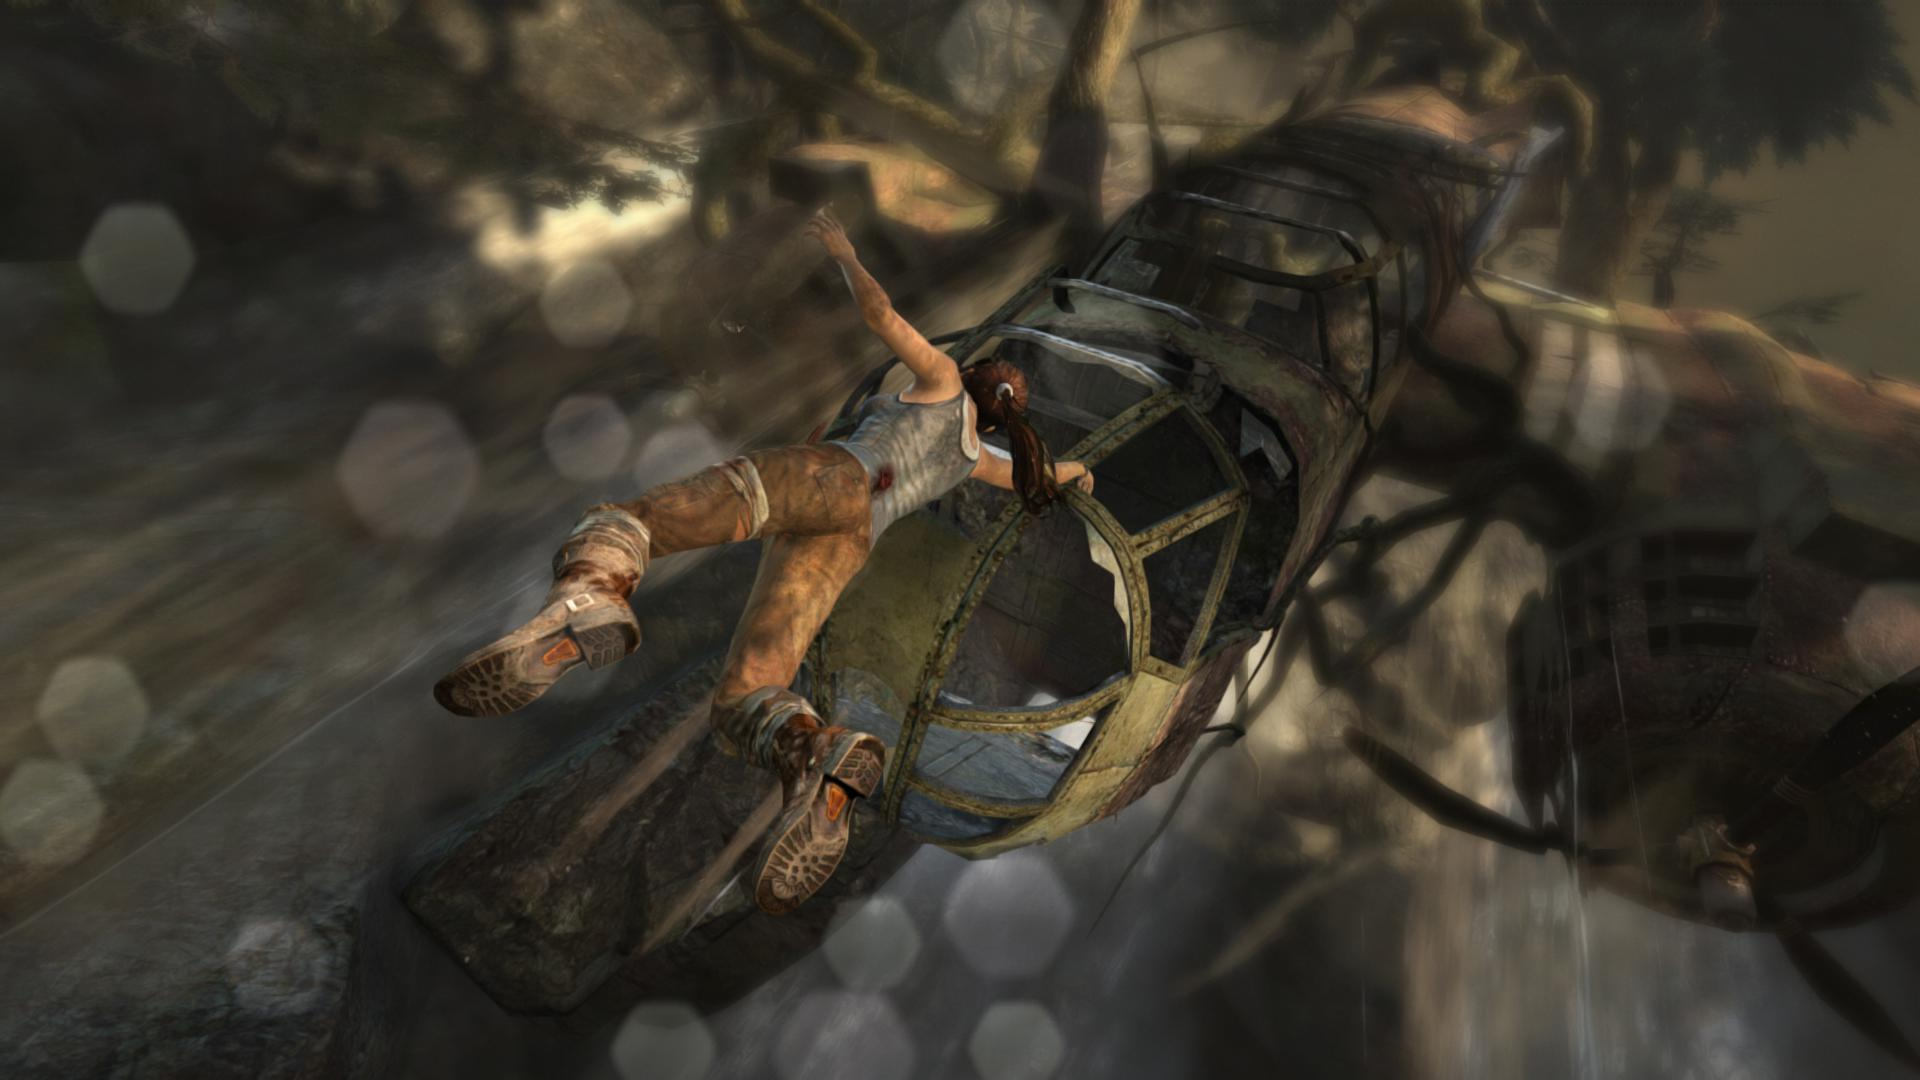 Tomb-Raider-Gameplay-3